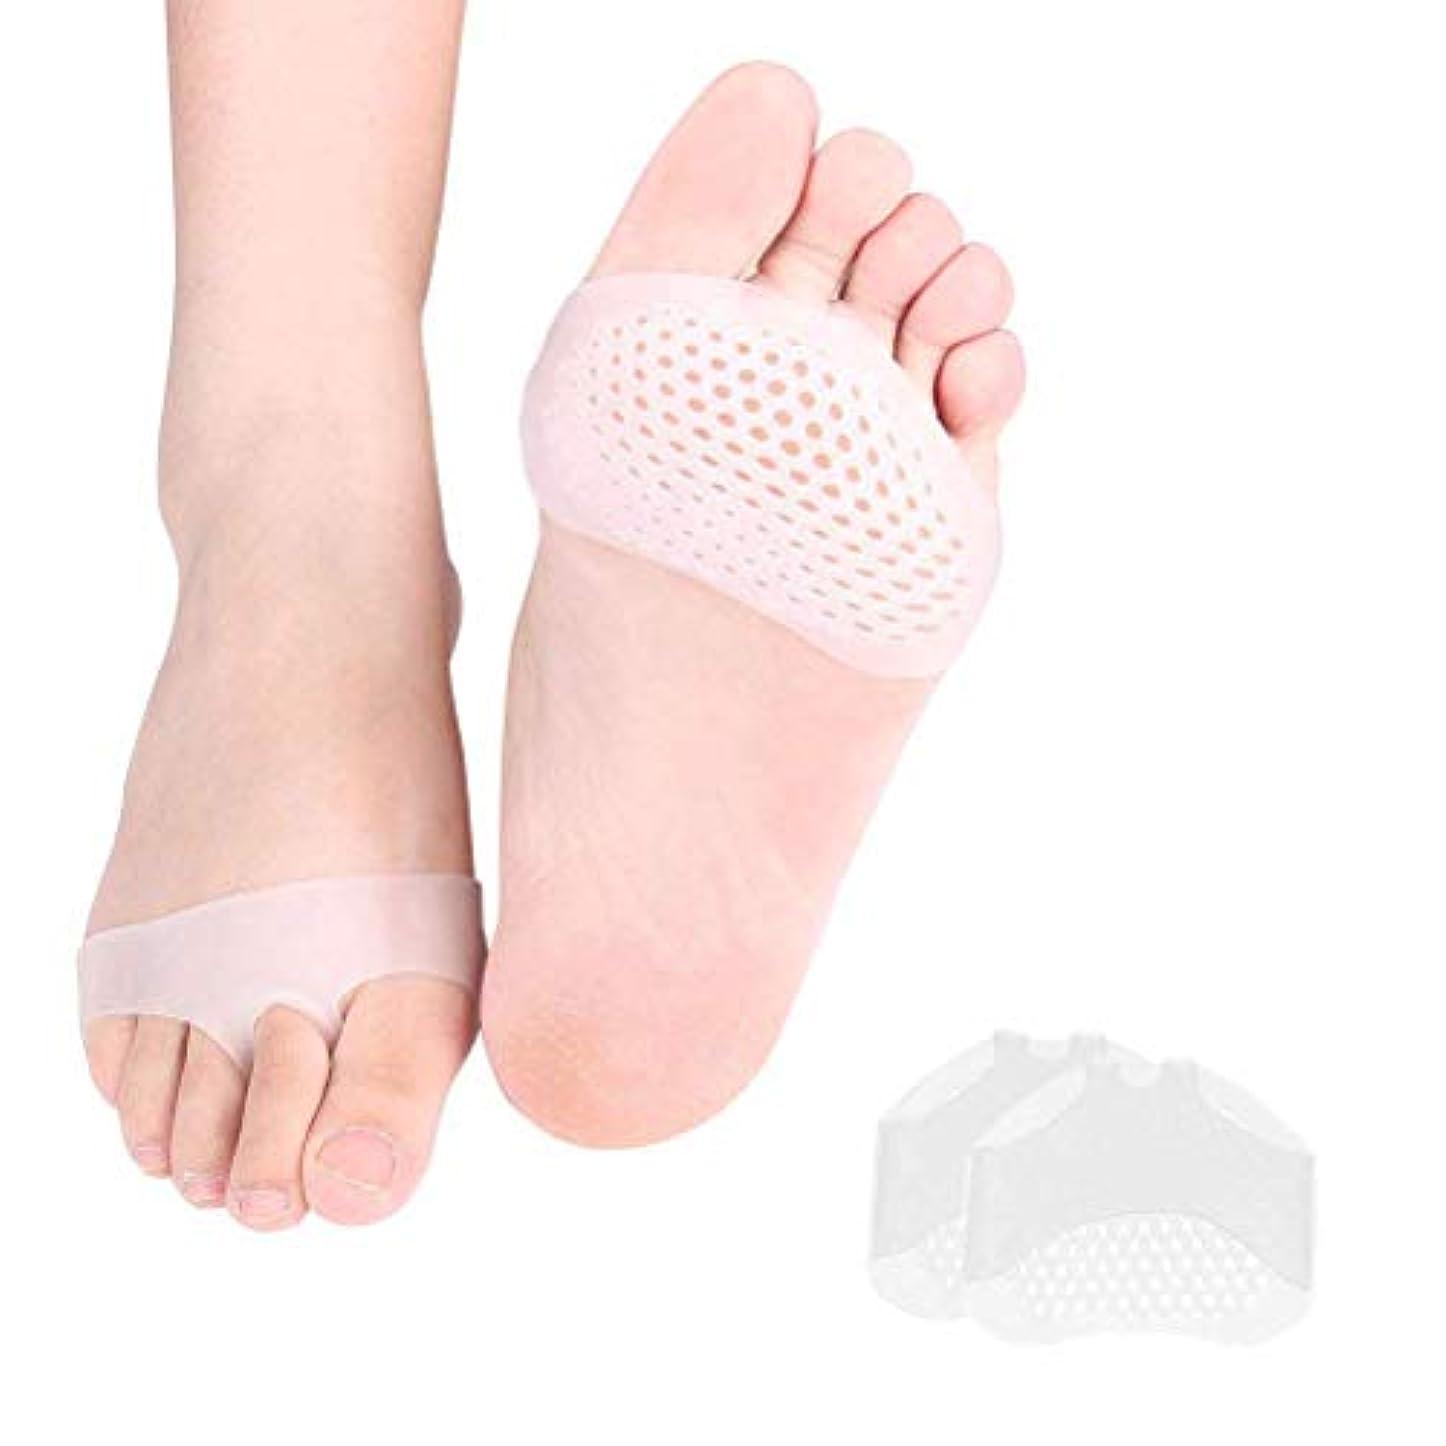 感じ利益受付脛骨パッド、足パッド、脛骨パッド、女性と男性の脛骨パッド、ソフトラバーインソール、靴、コーン、カルス用-クイックリリーフ